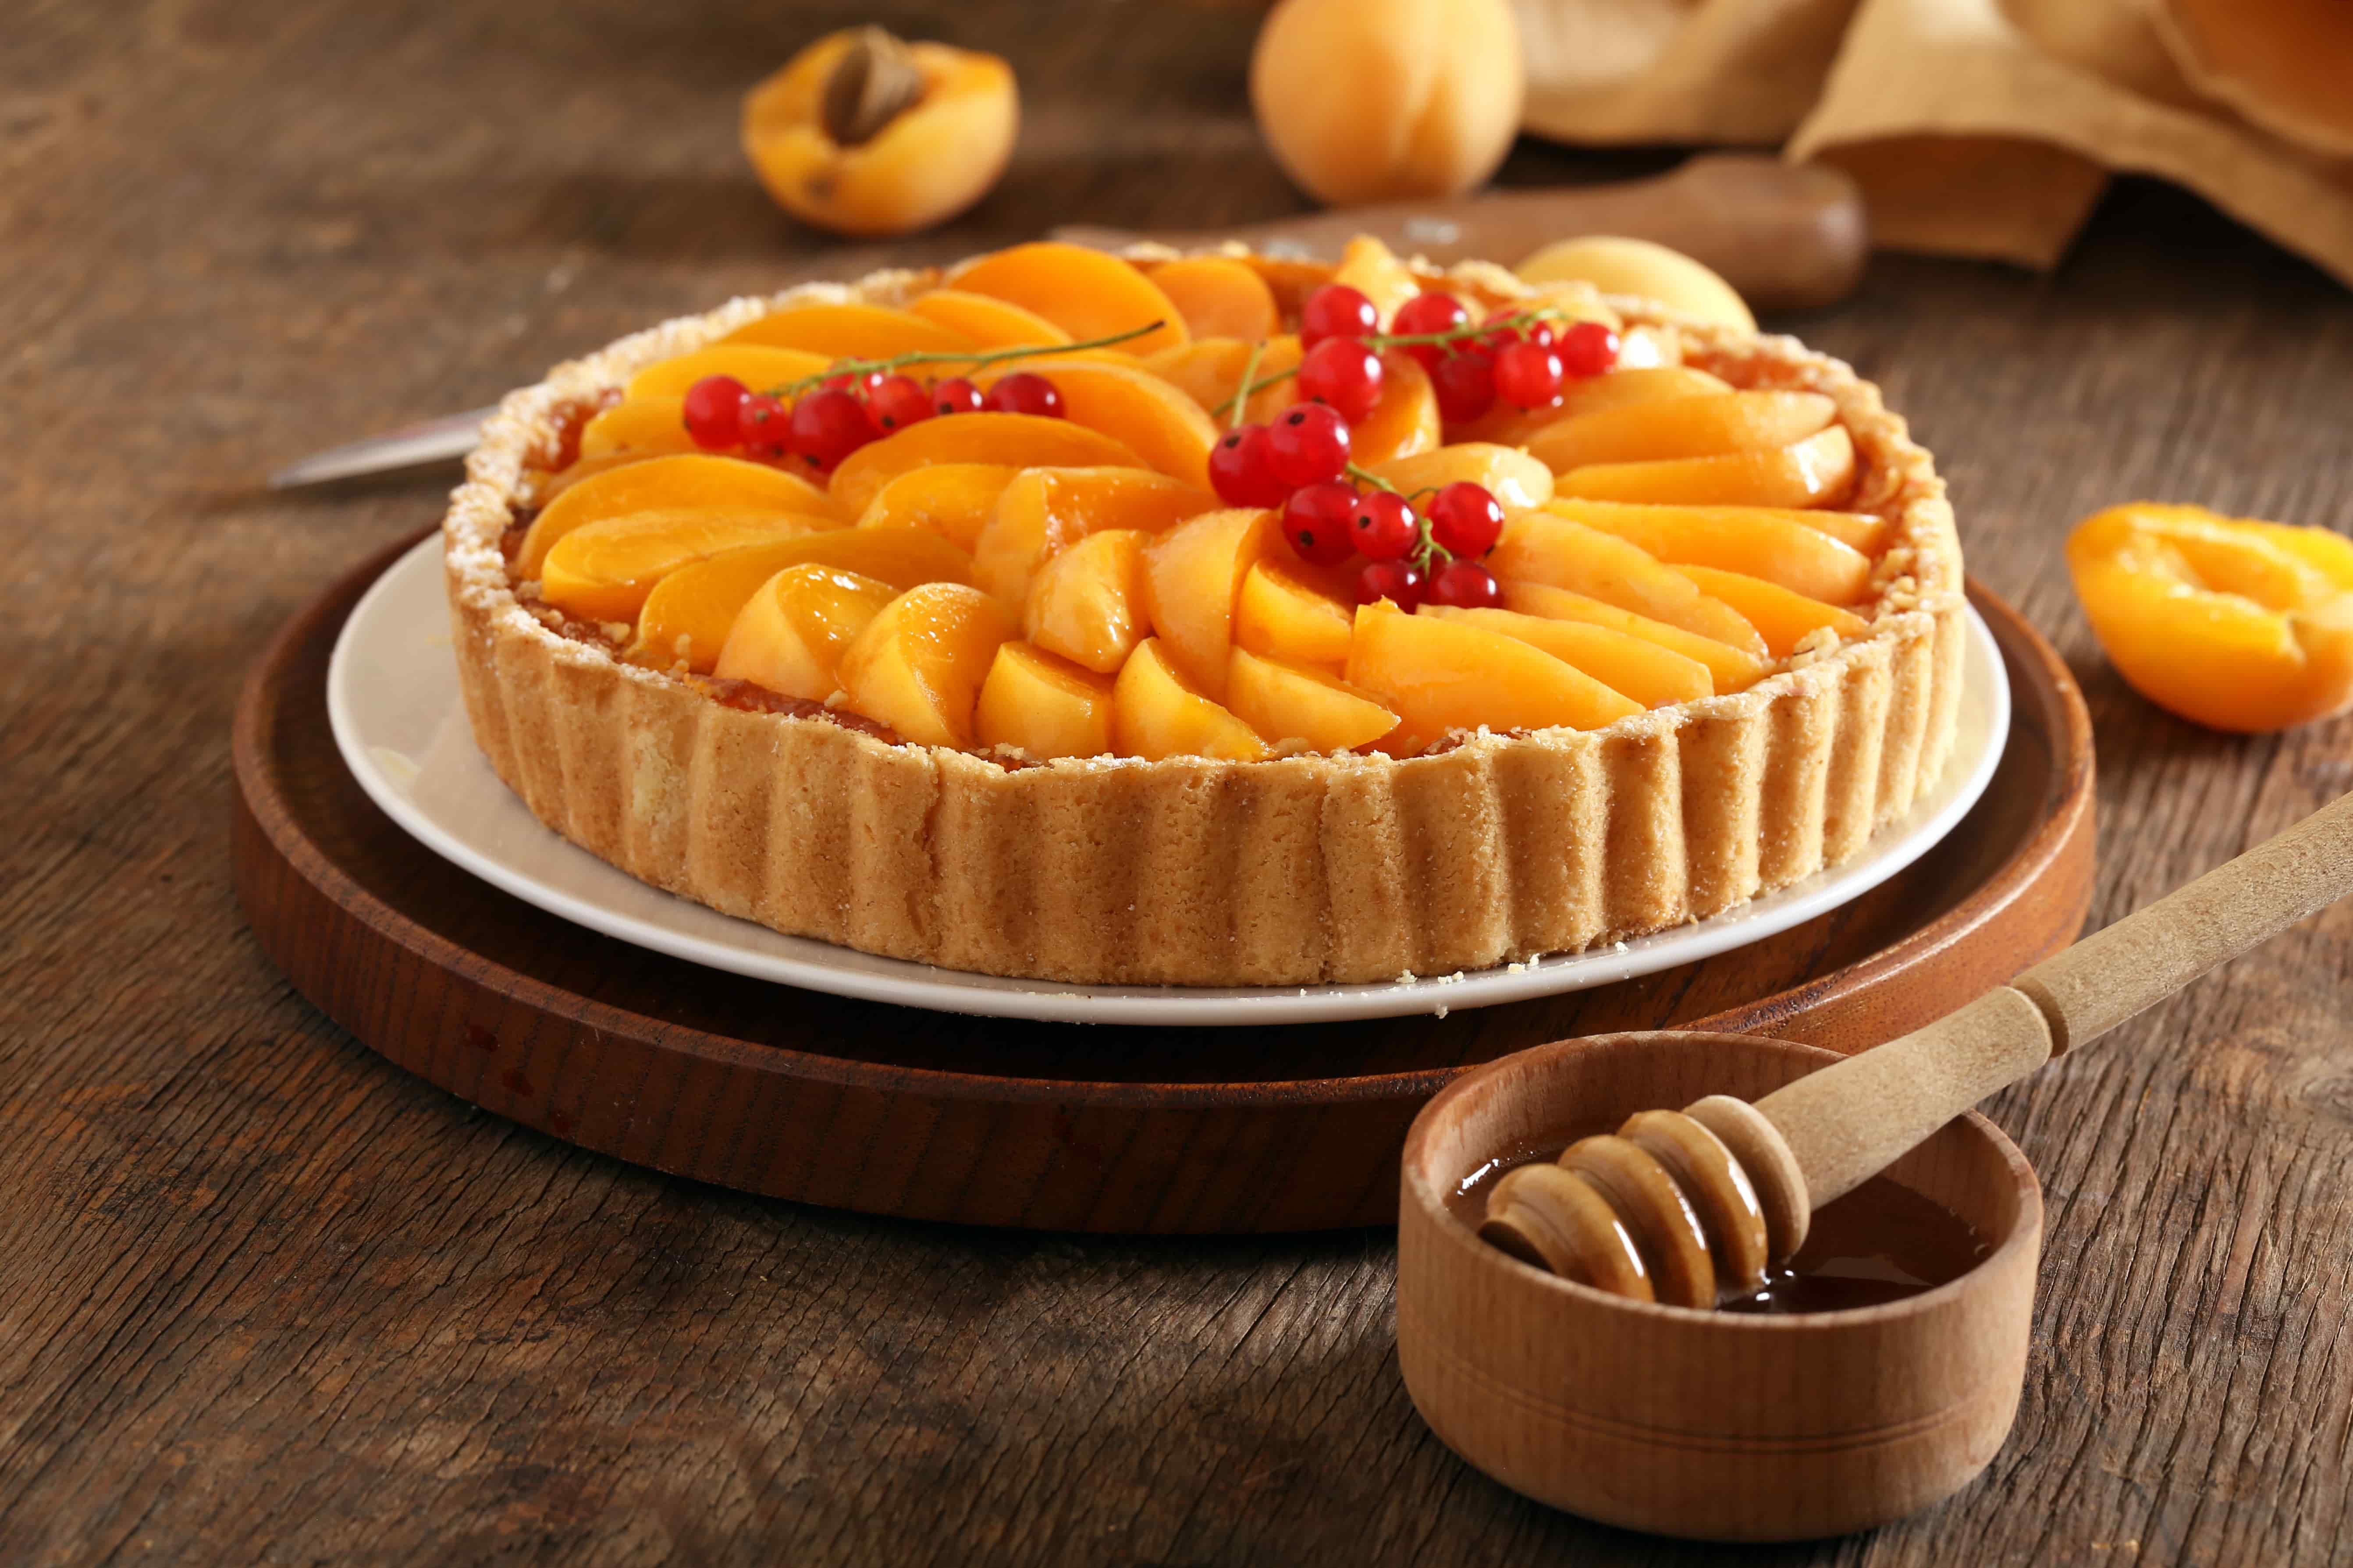 Низкокалорийный творожный десерт - рецепт с пошаговым приготовлением и фото